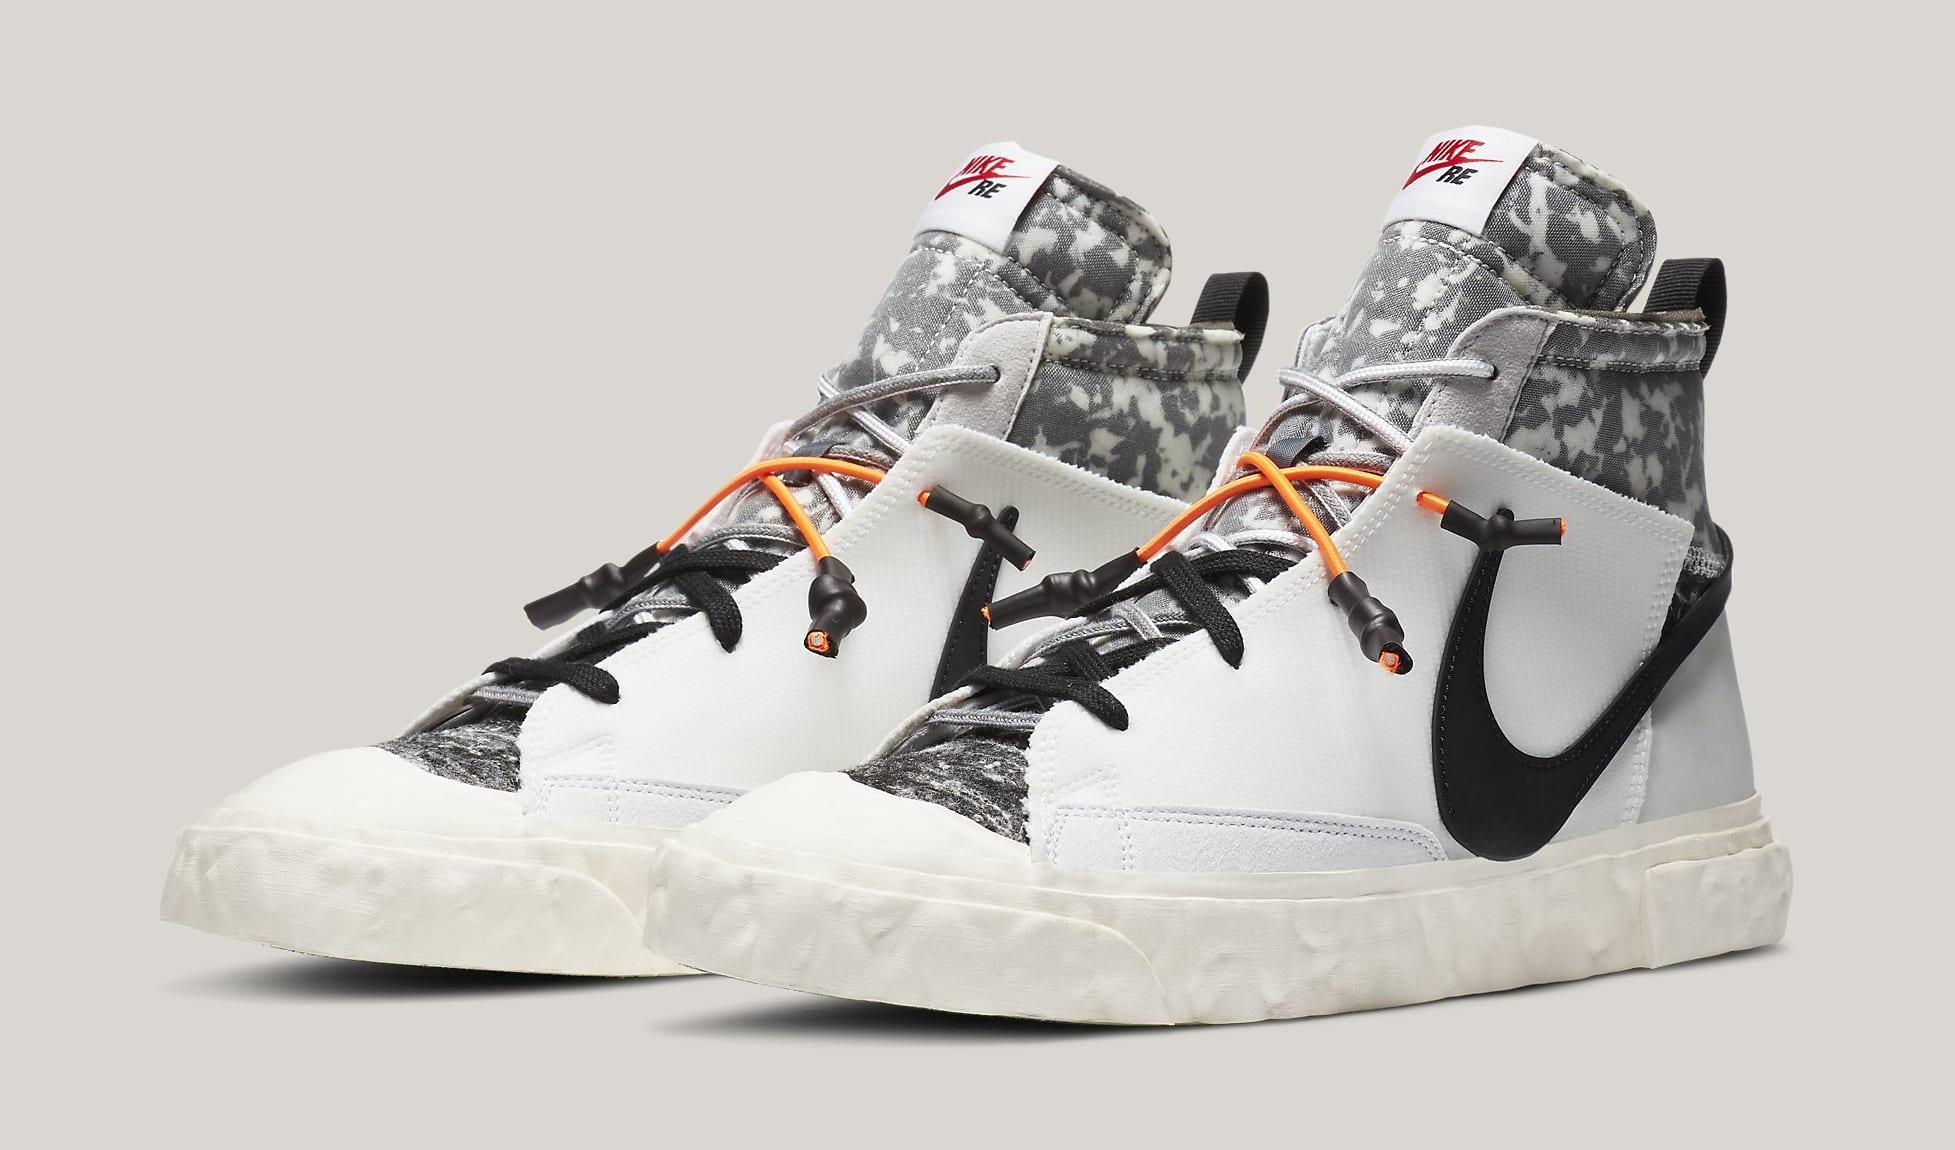 Readymade x Nike Blazer Mid CZ3589-100 Pair